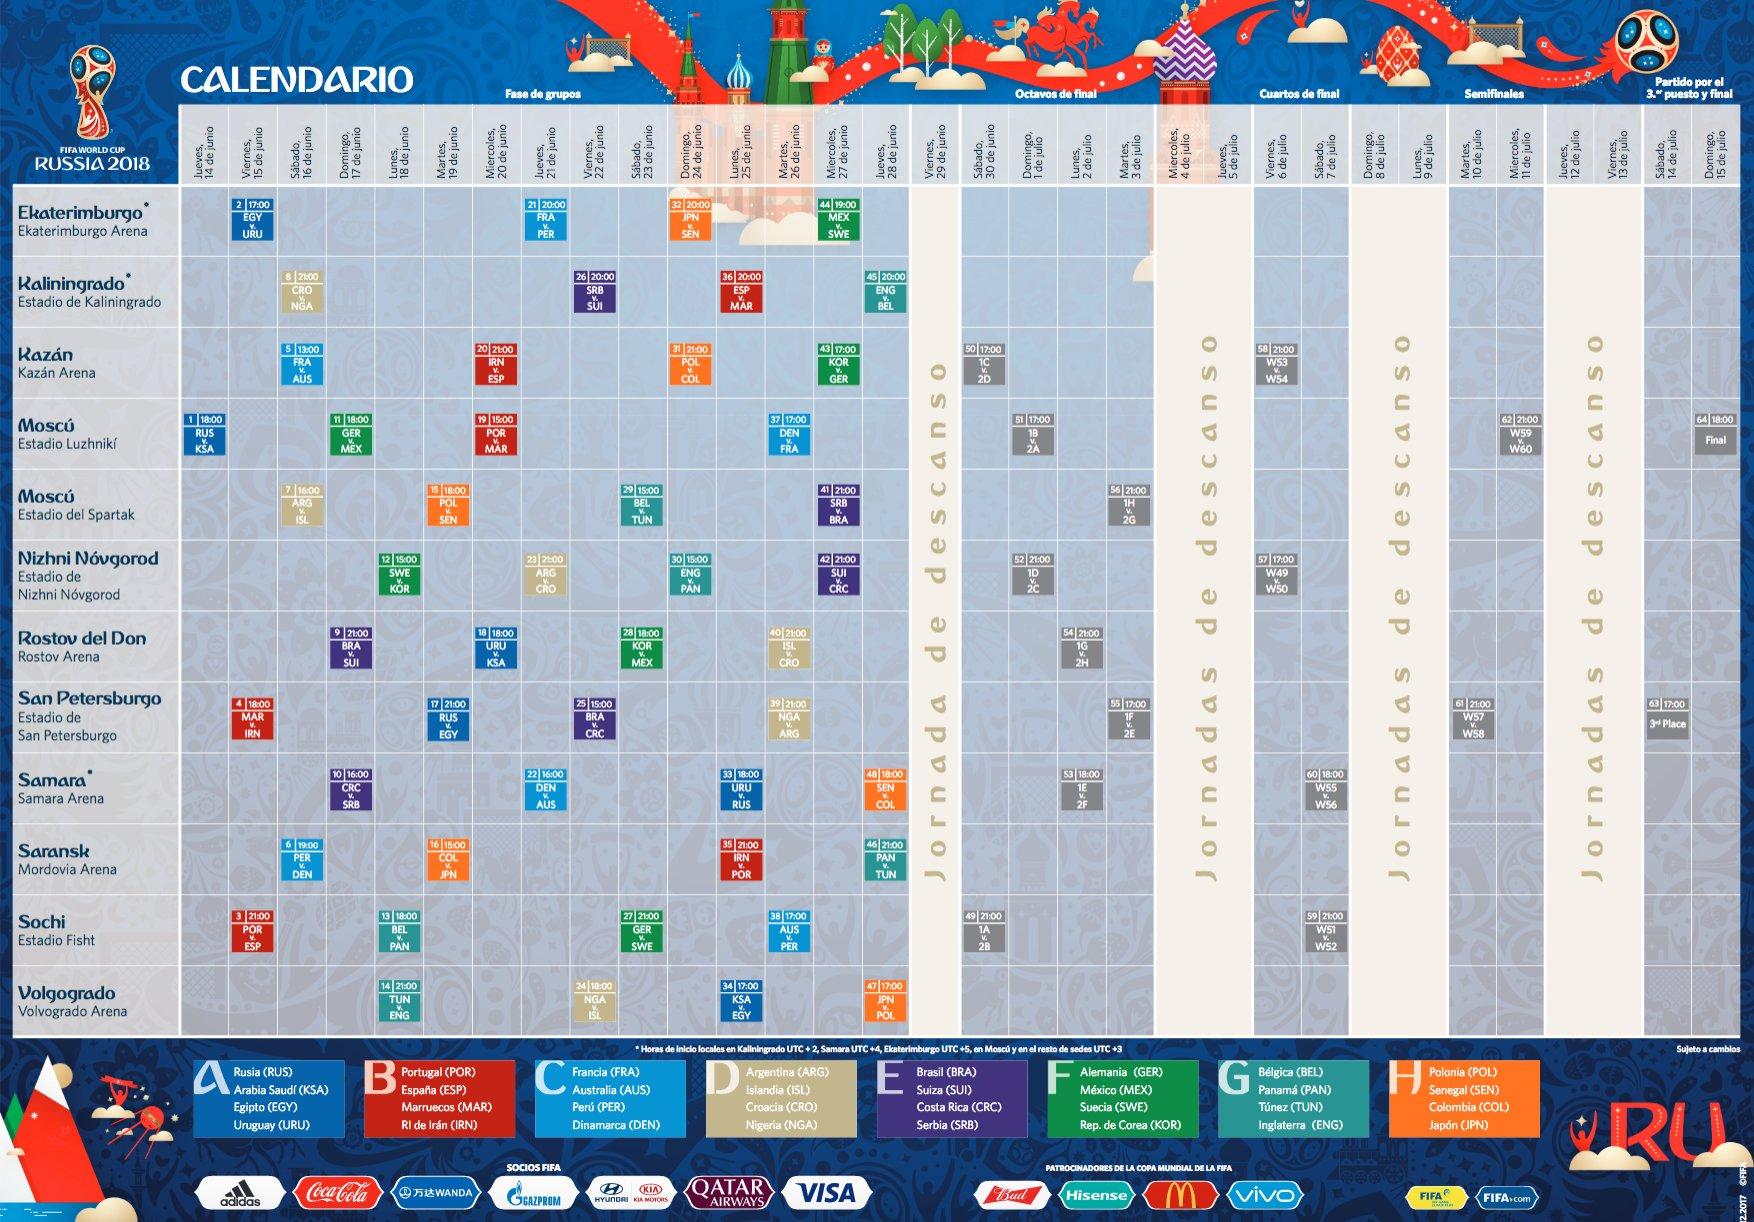 calendario_rusia